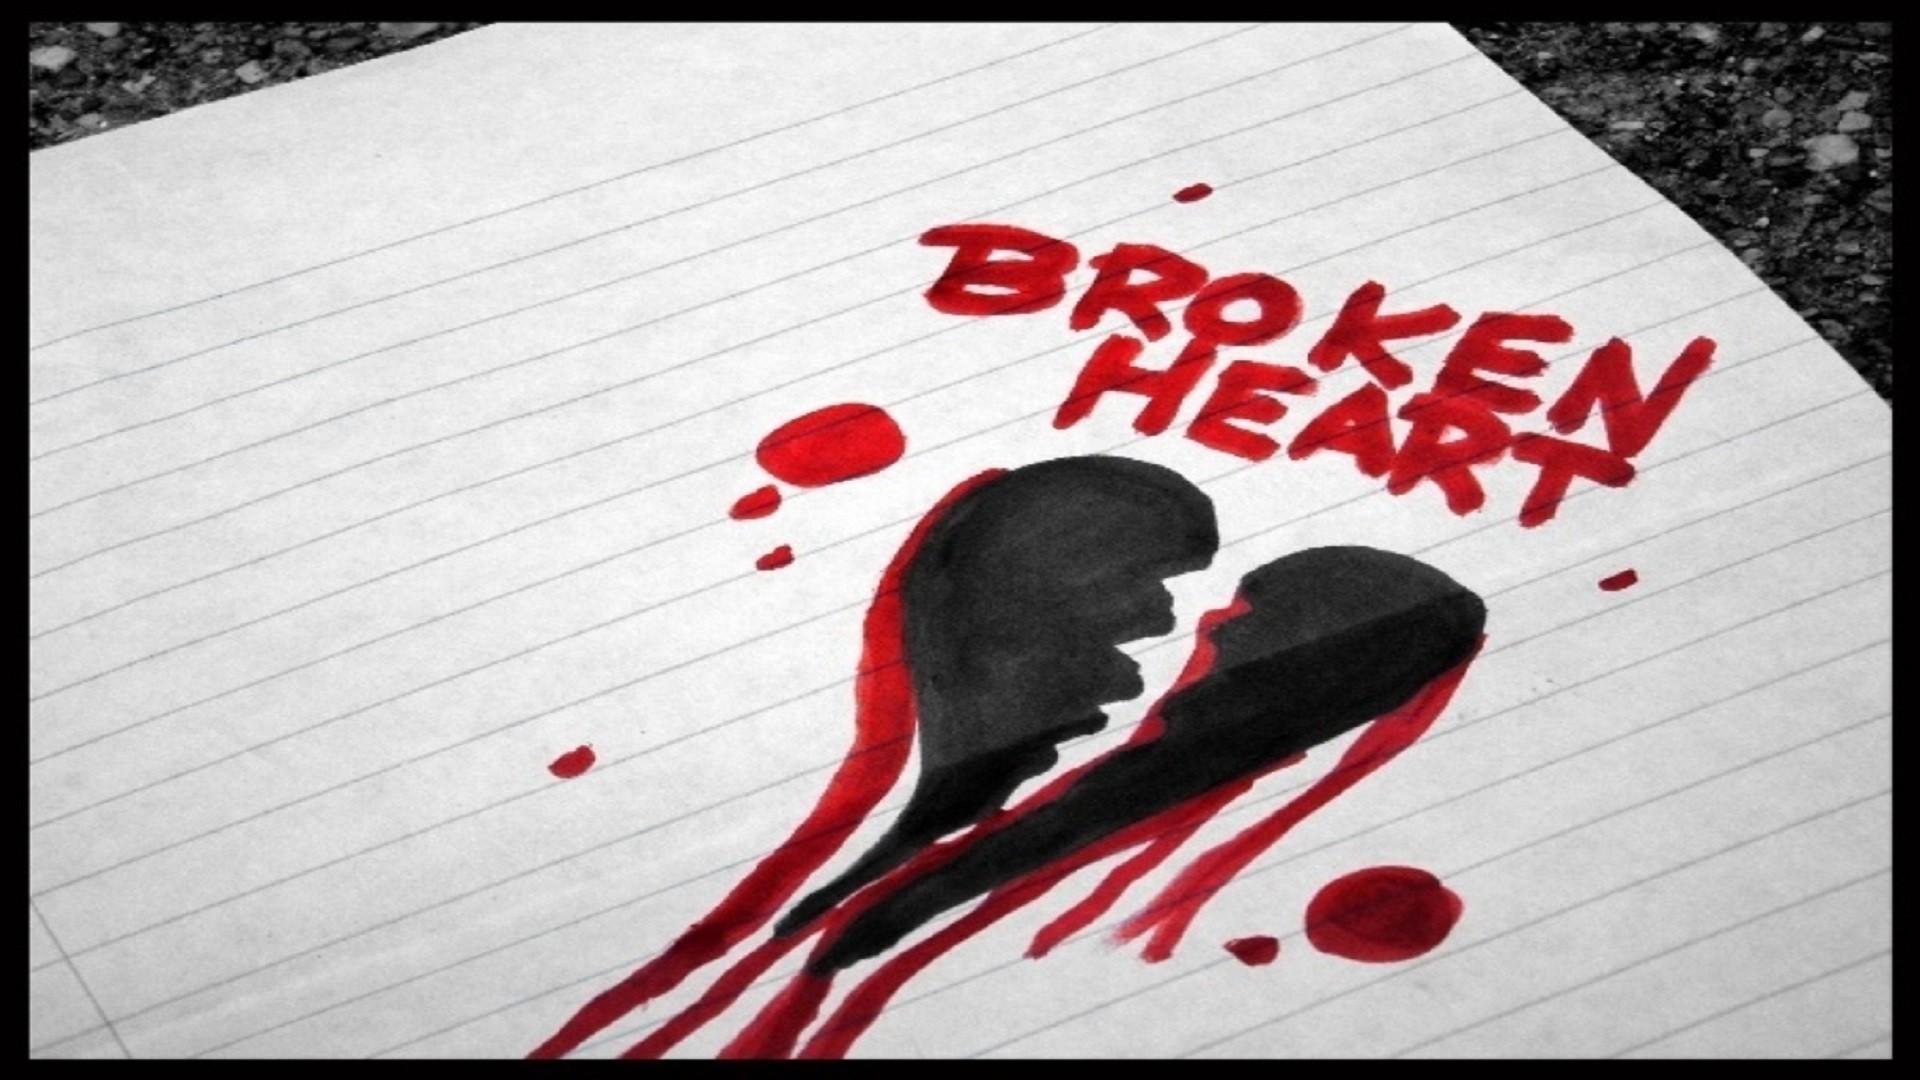 Broken Hearted Girl Wallpaper Broken Hearts Wallpapers 60 Images